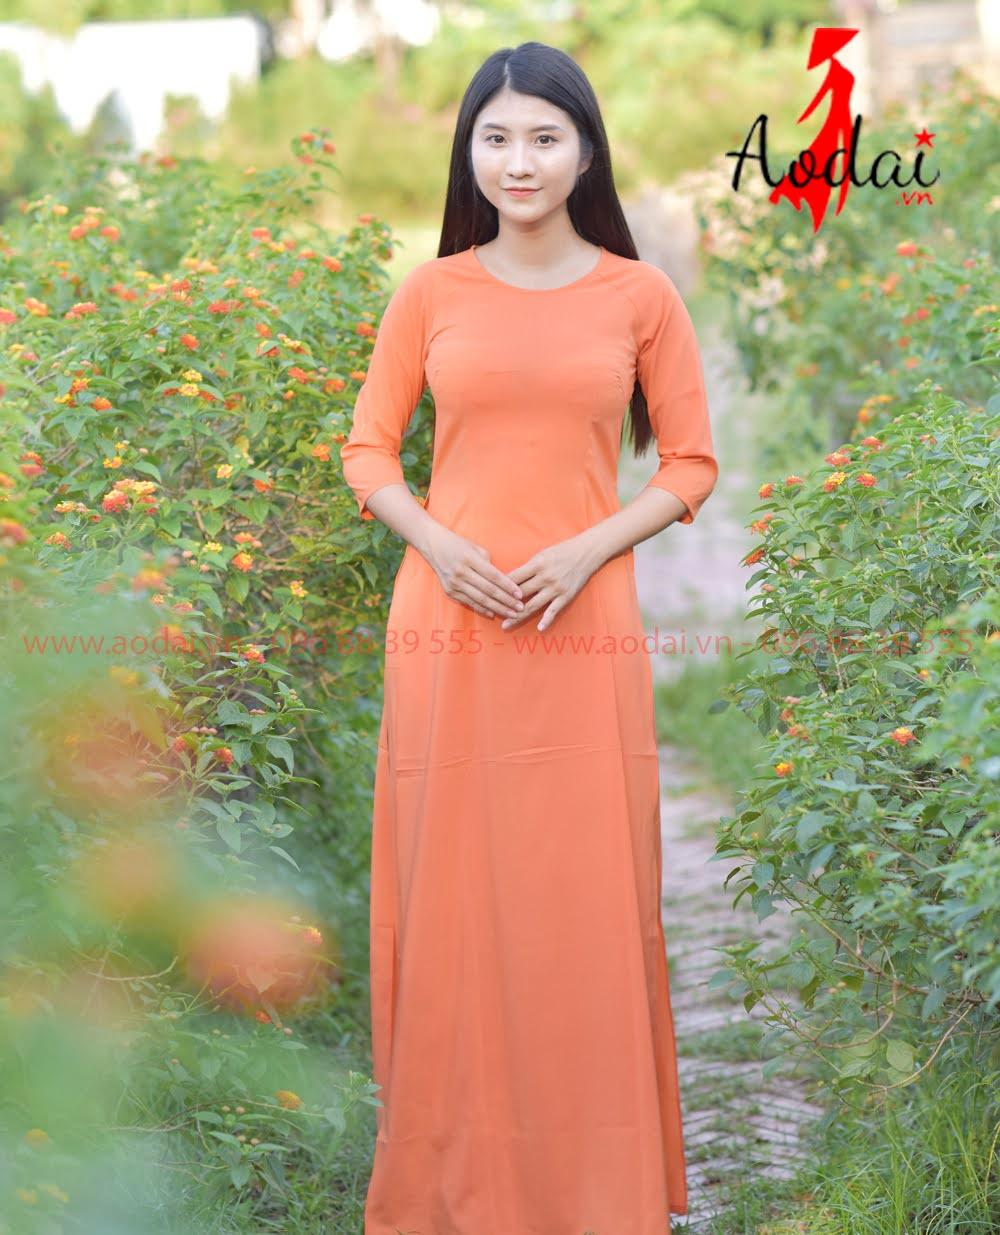 May áo dài tại Quảng Ninh